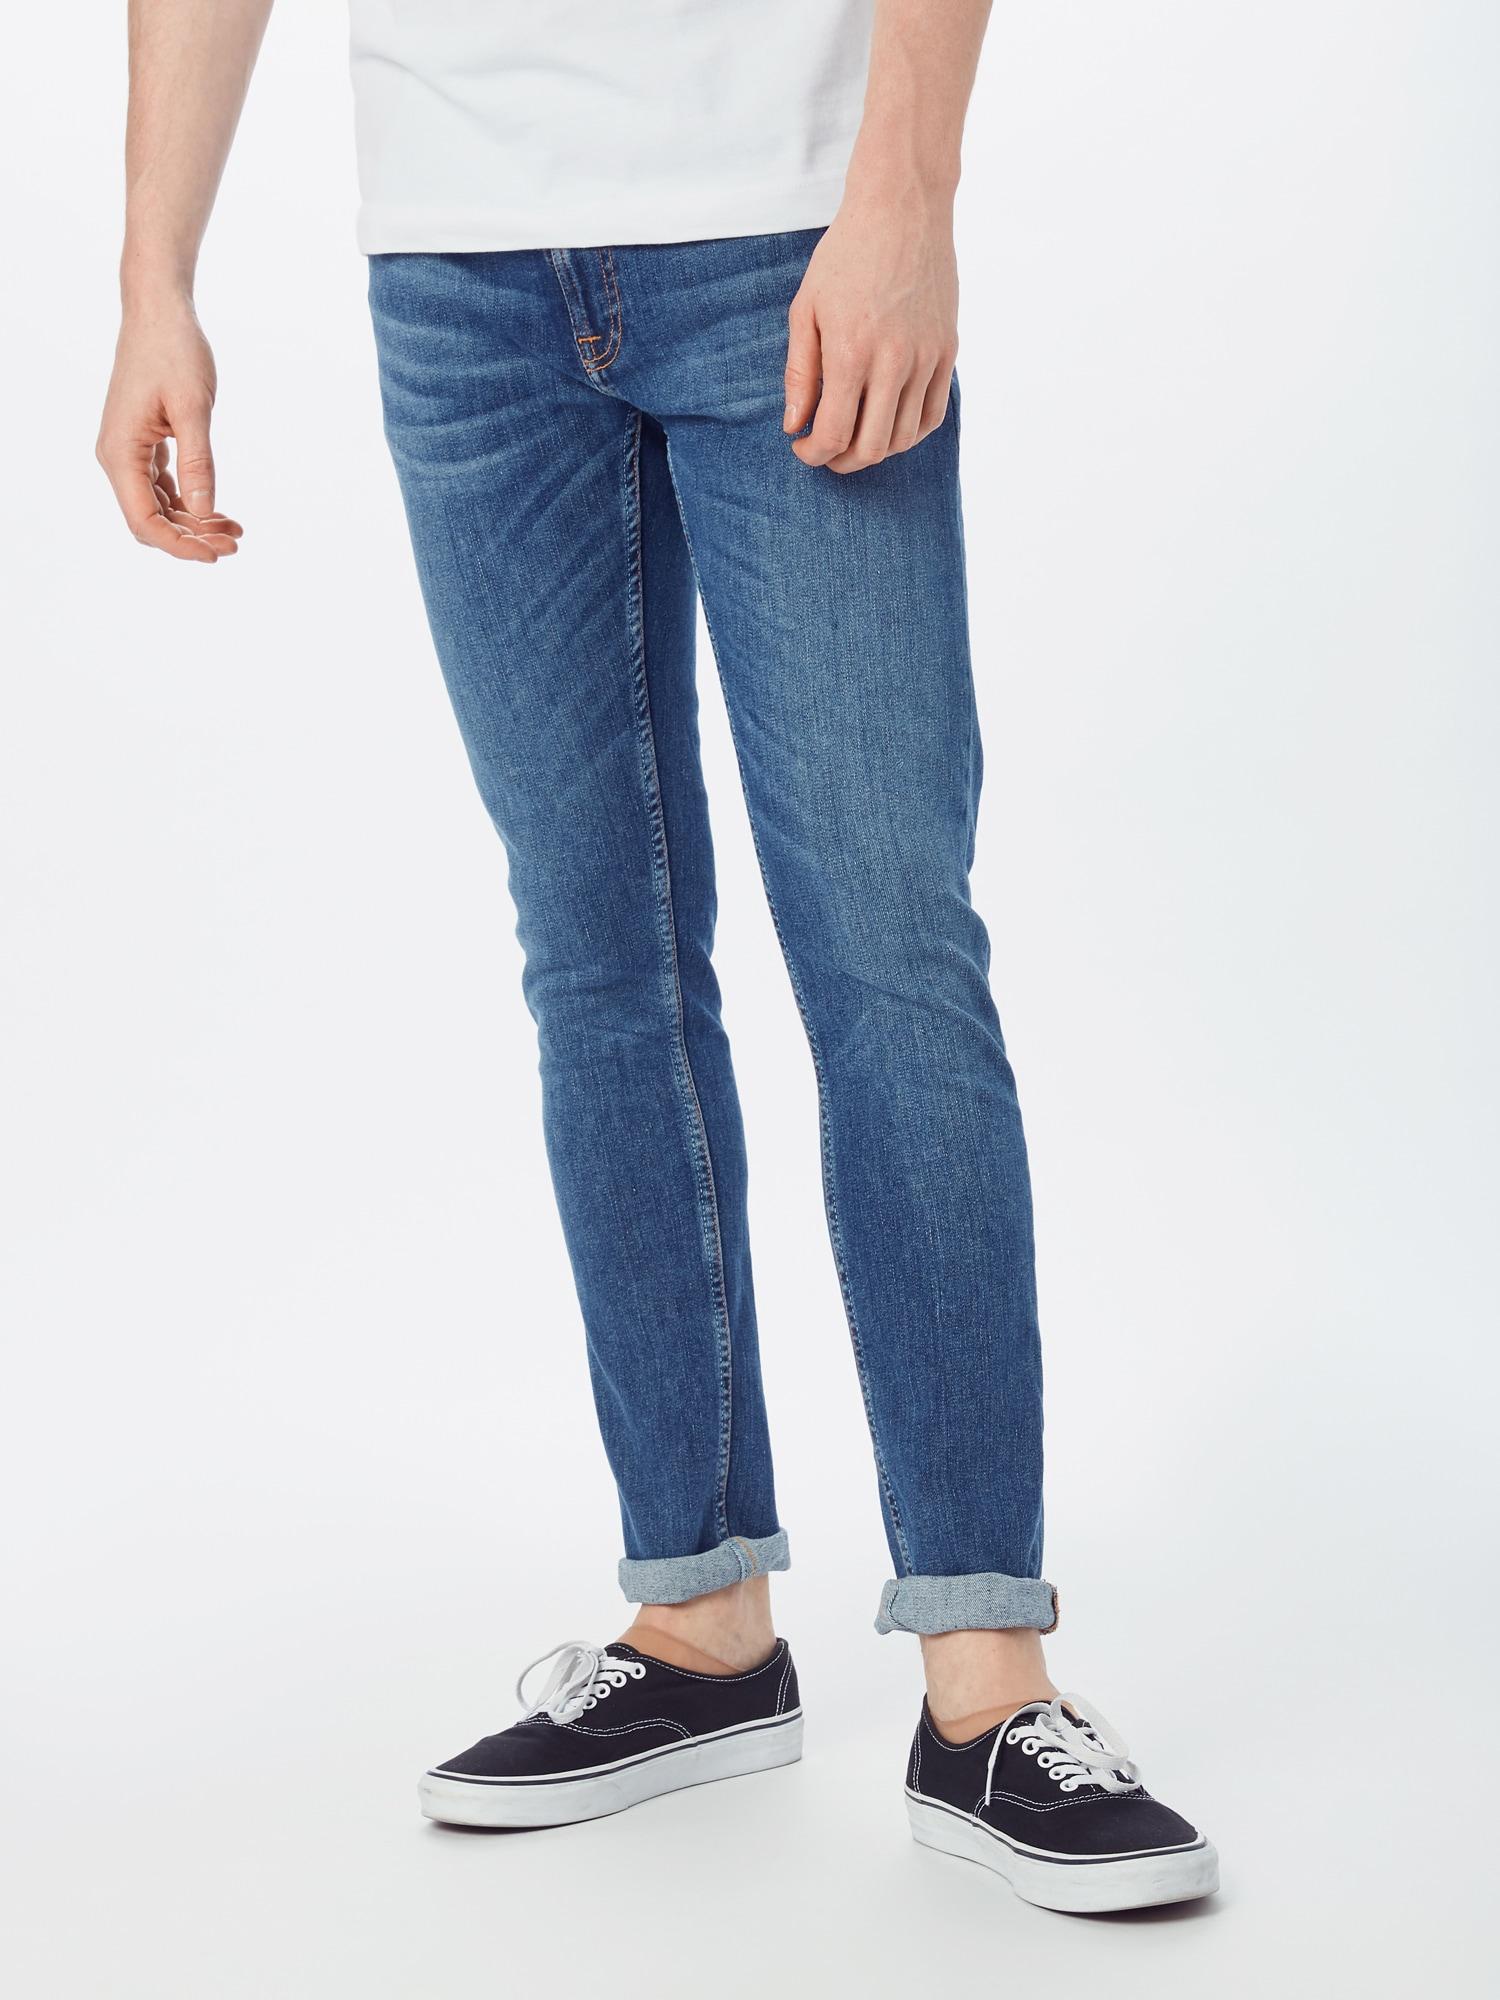 Nudie Jeans Co Jeans  blå denim